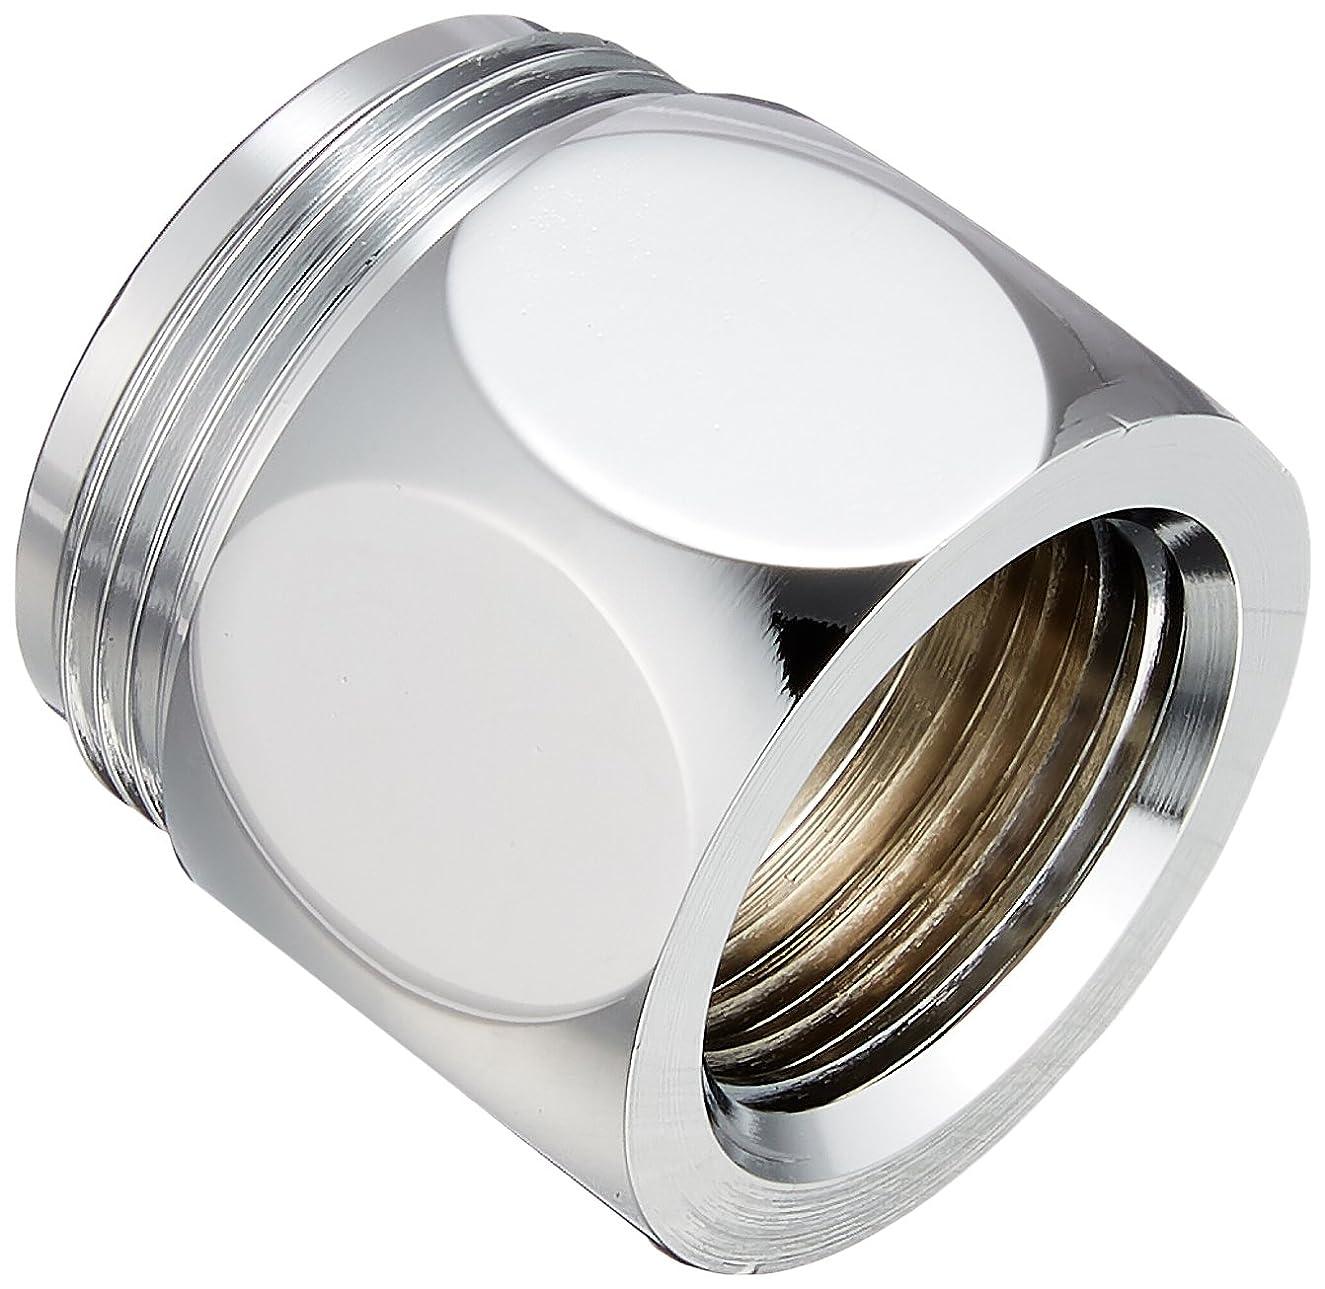 窓慈善ピアノSANEI 【水栓サイズ切替アダプタ】パイプアダプター (G1/2ネジに16mmパイプを取付時に使用) PT35-25S